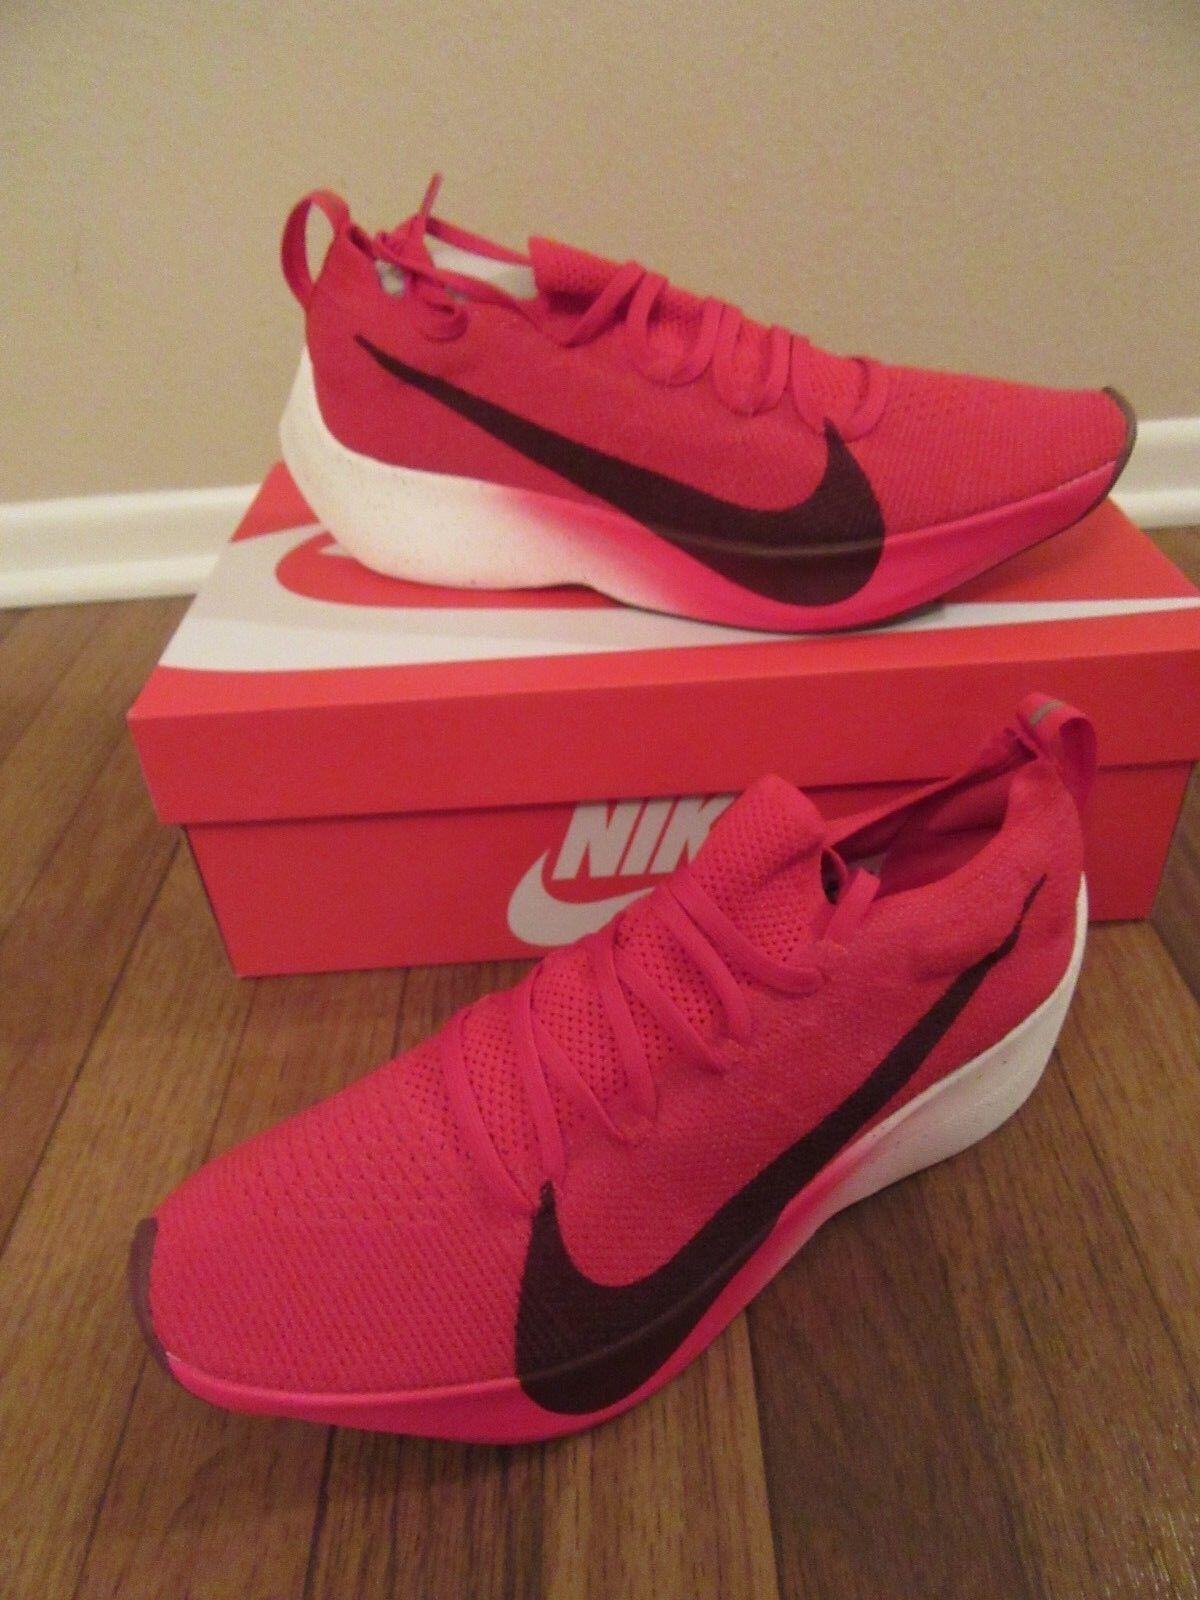 Nike vapore street flyknit taglia 11 università rosso scuro team red aq1763 600 il pennino